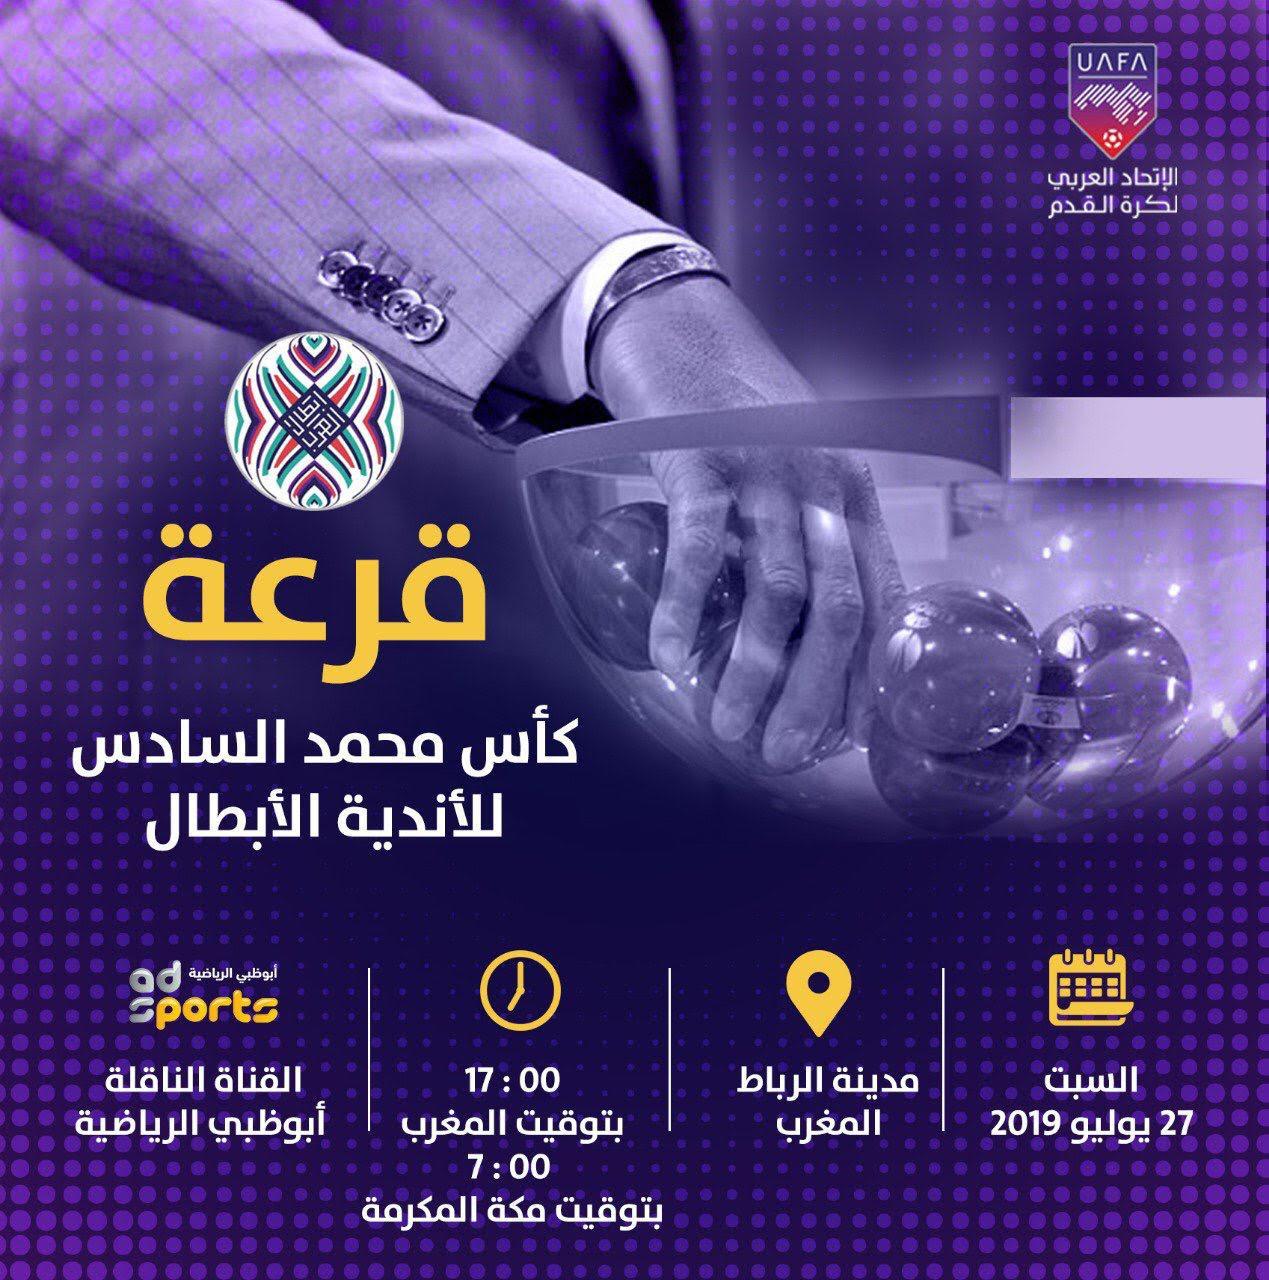 قرعة البطولة العربية تسحب غداً في الرباط